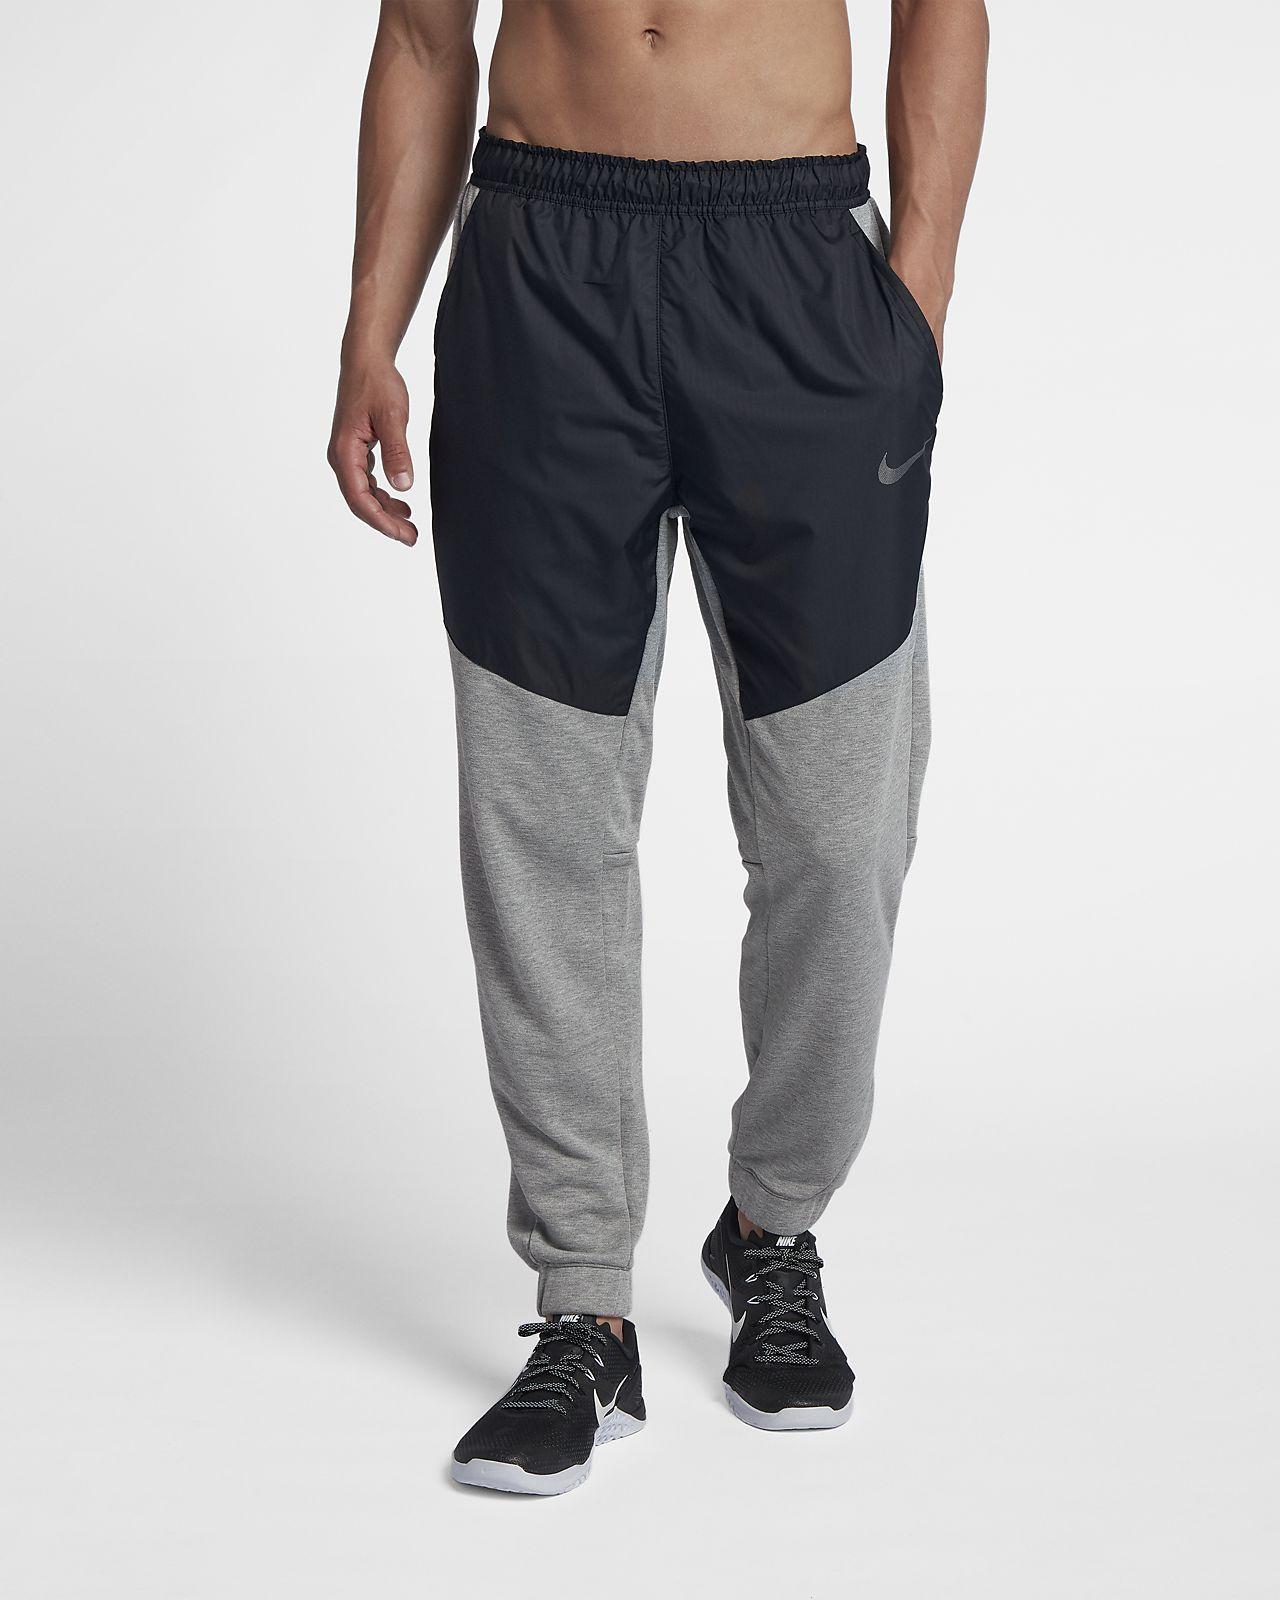 Nike Dri-FIT Pantalón de entrenamiento Utility de tejido Fleece - Hombre